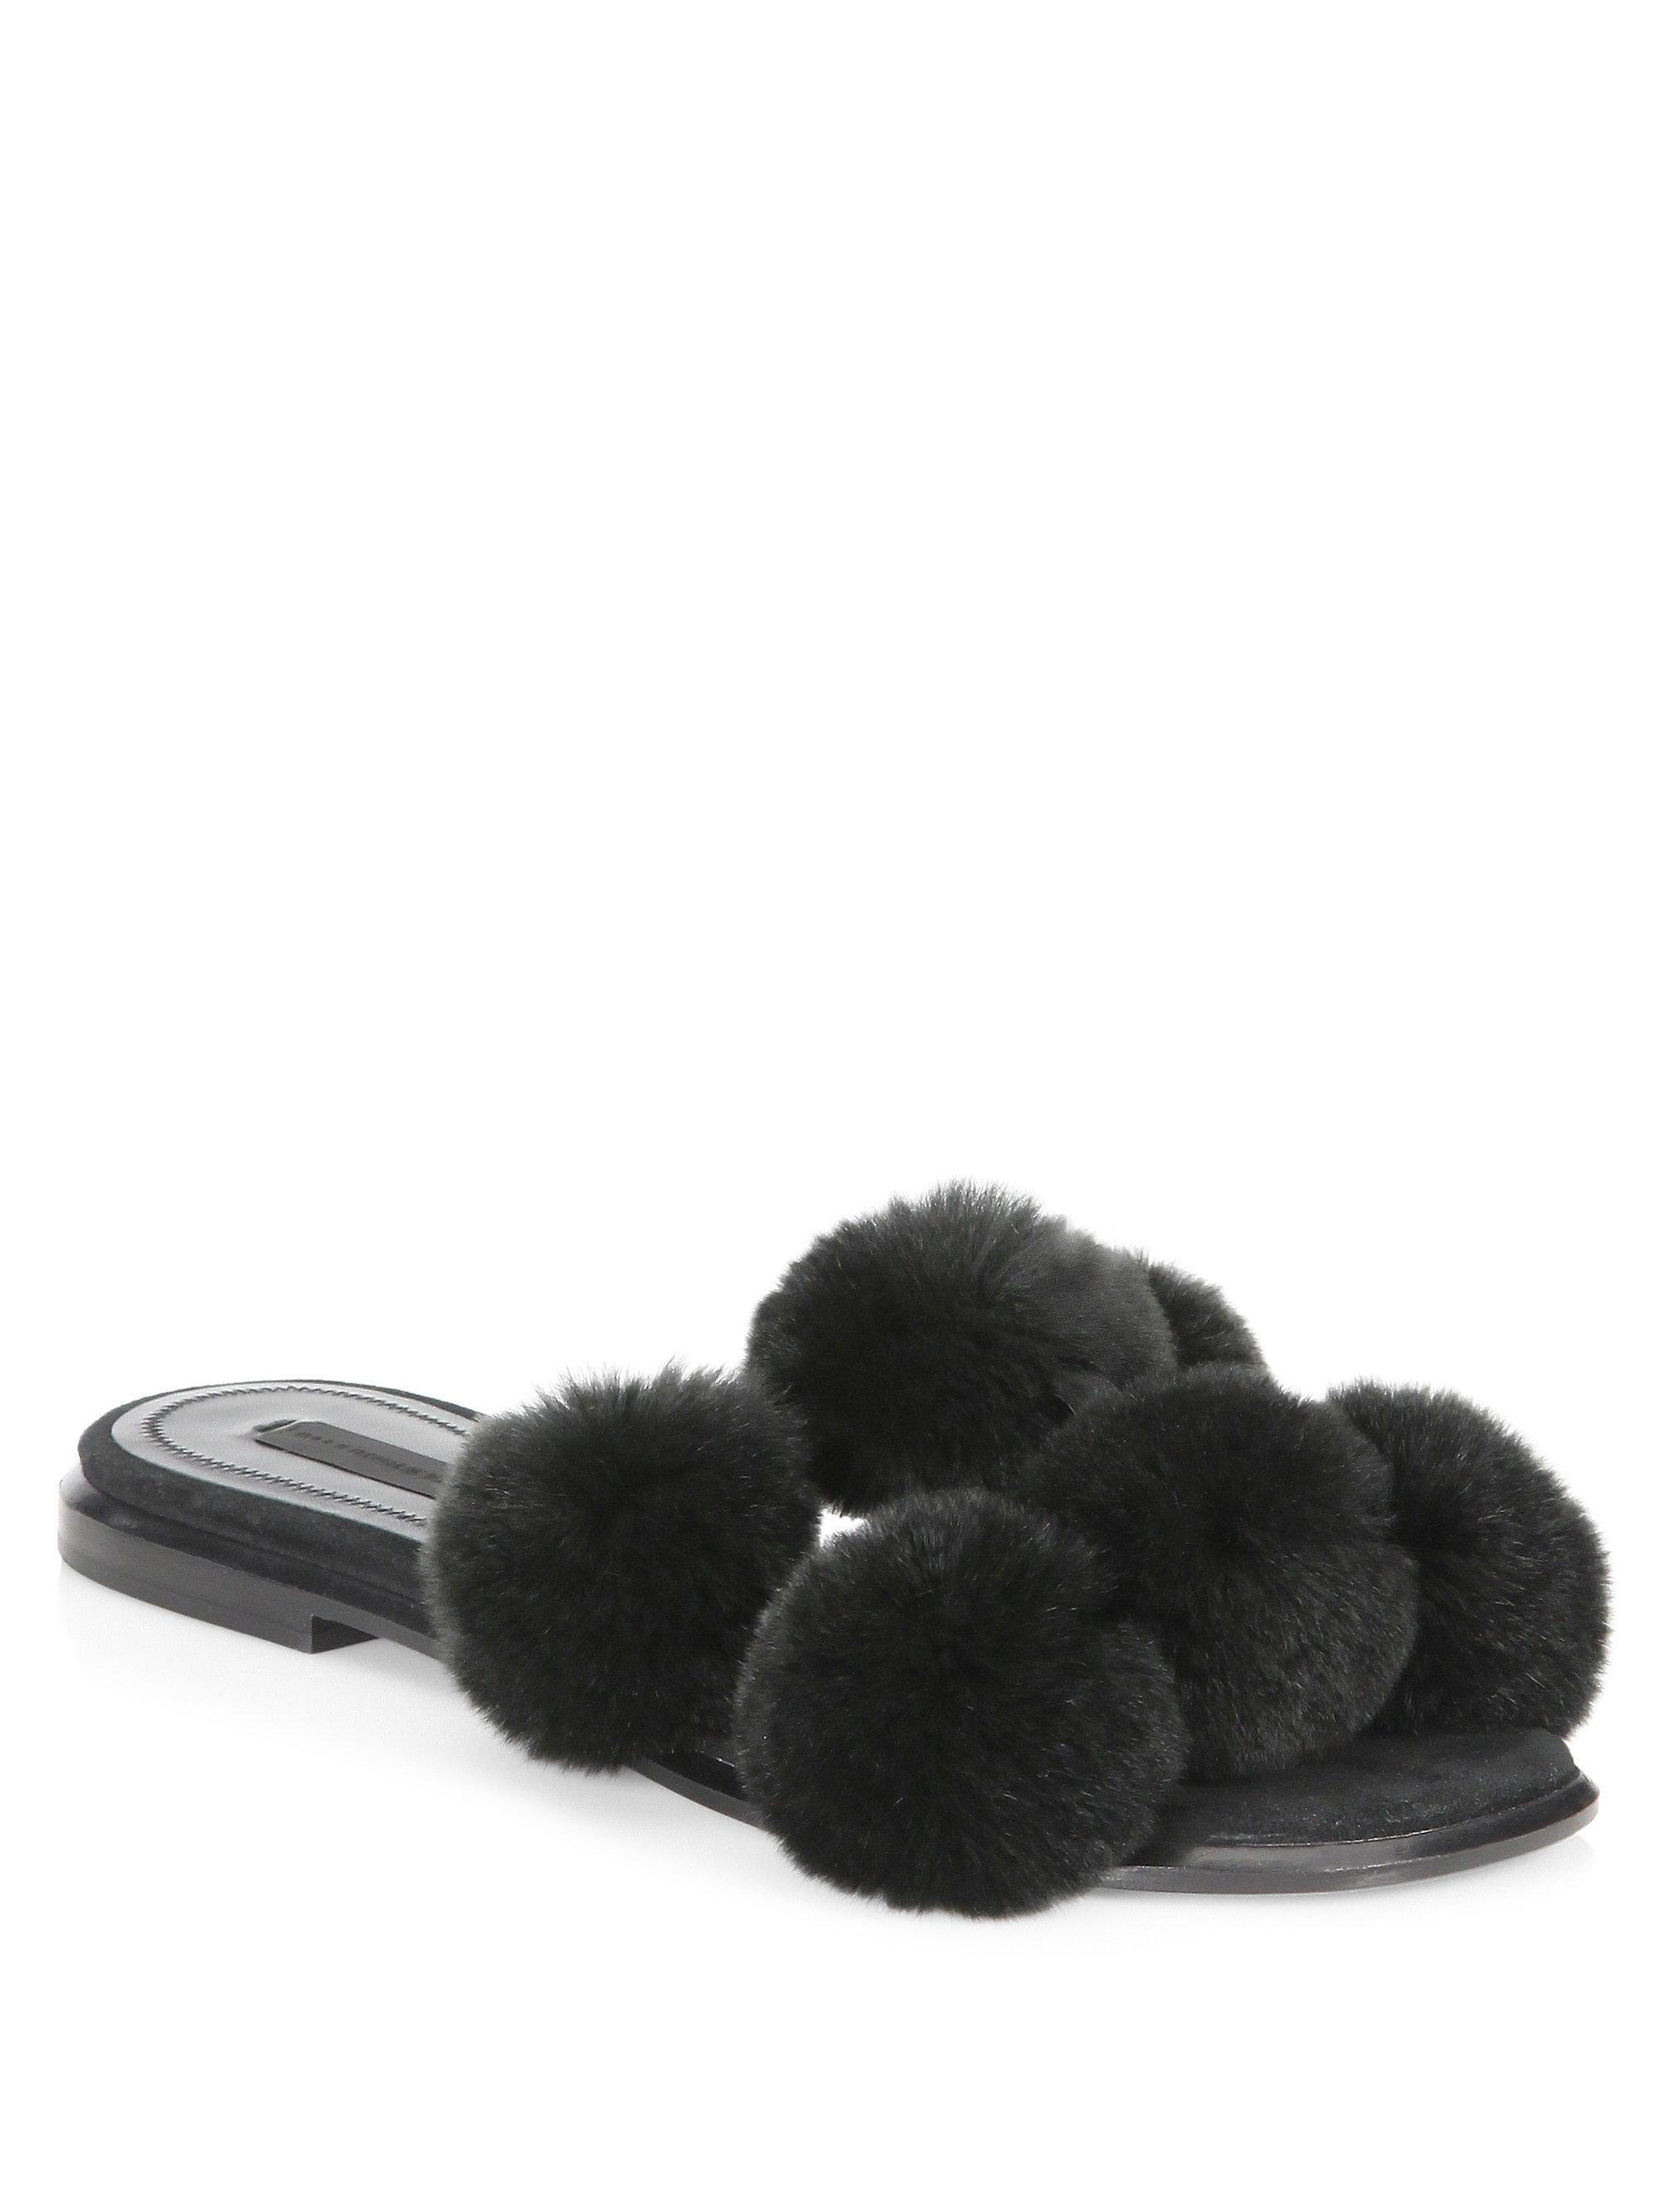 Vente Meilleur parfait Alexander Wang Black Ava Fur Slides Visite Nouvelle Sortie exxh6zx